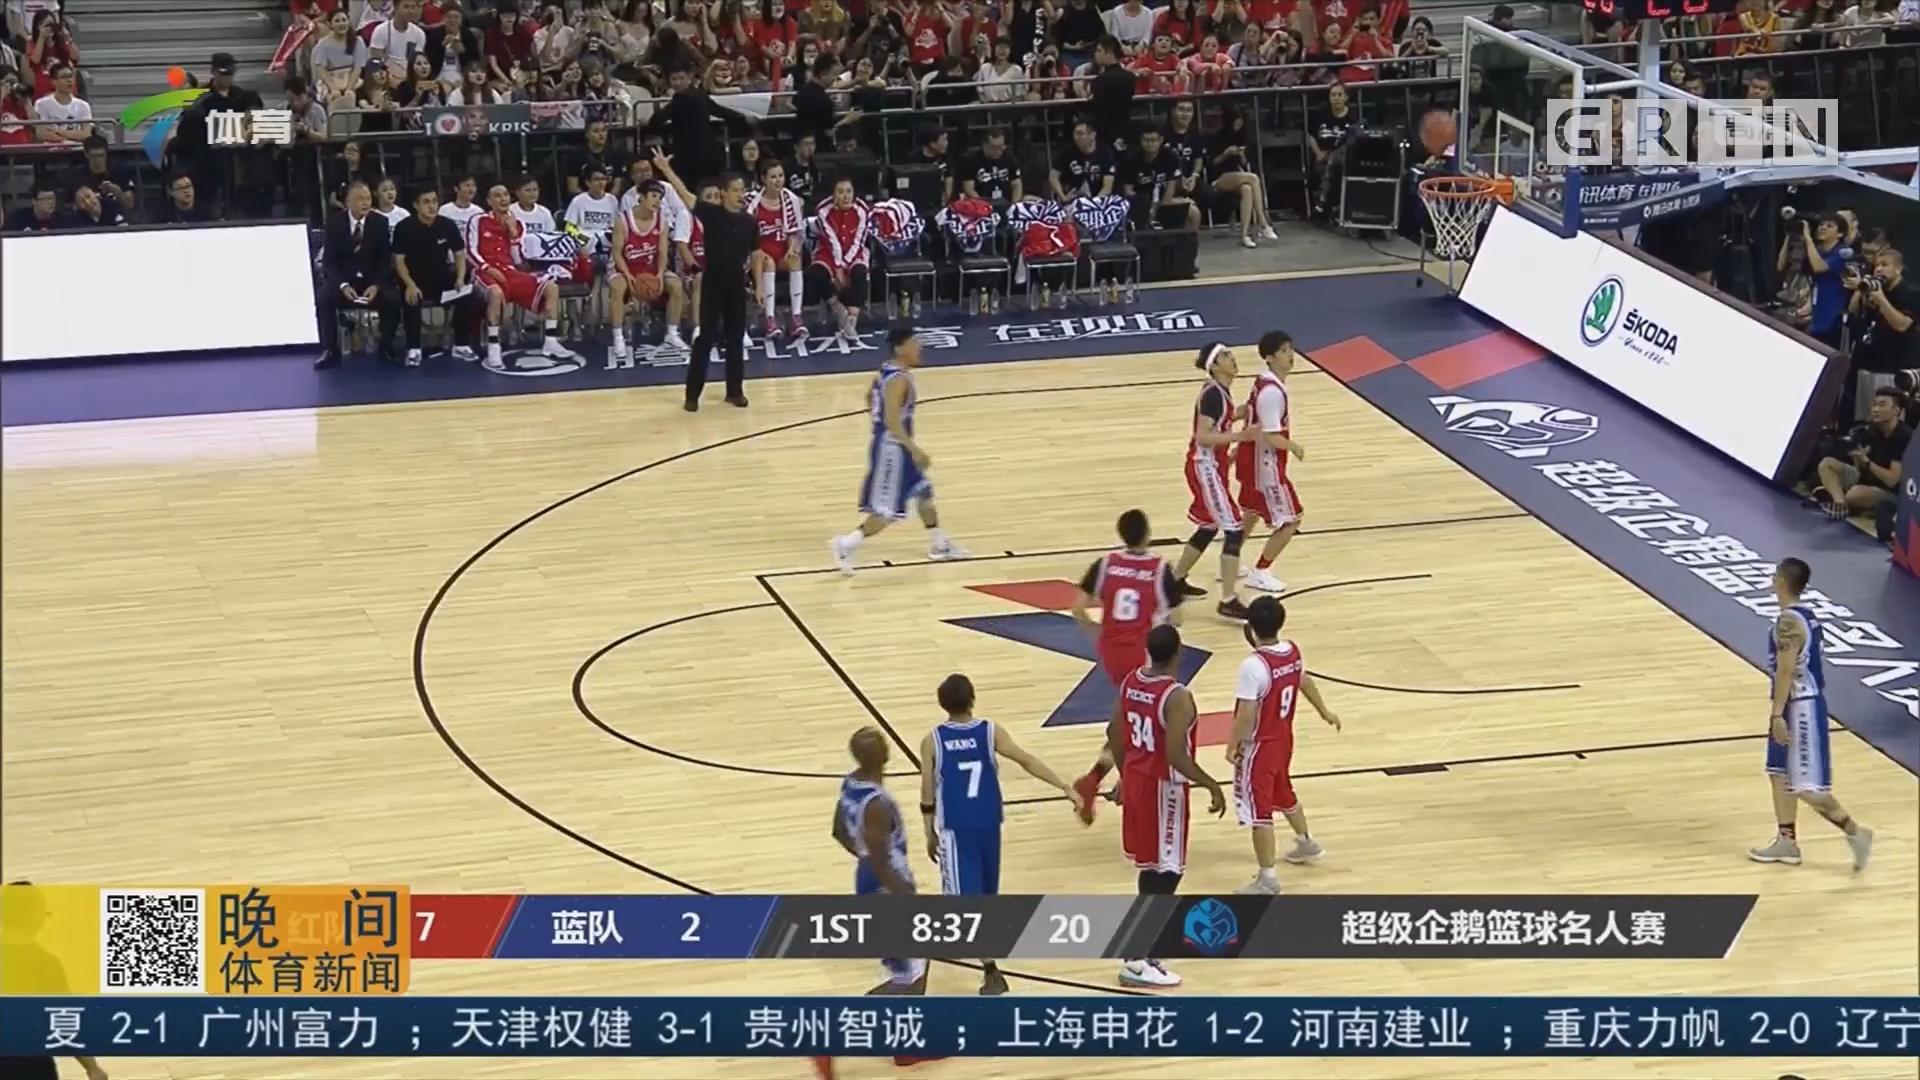 超级企鹅篮球名人赛上海站落幕